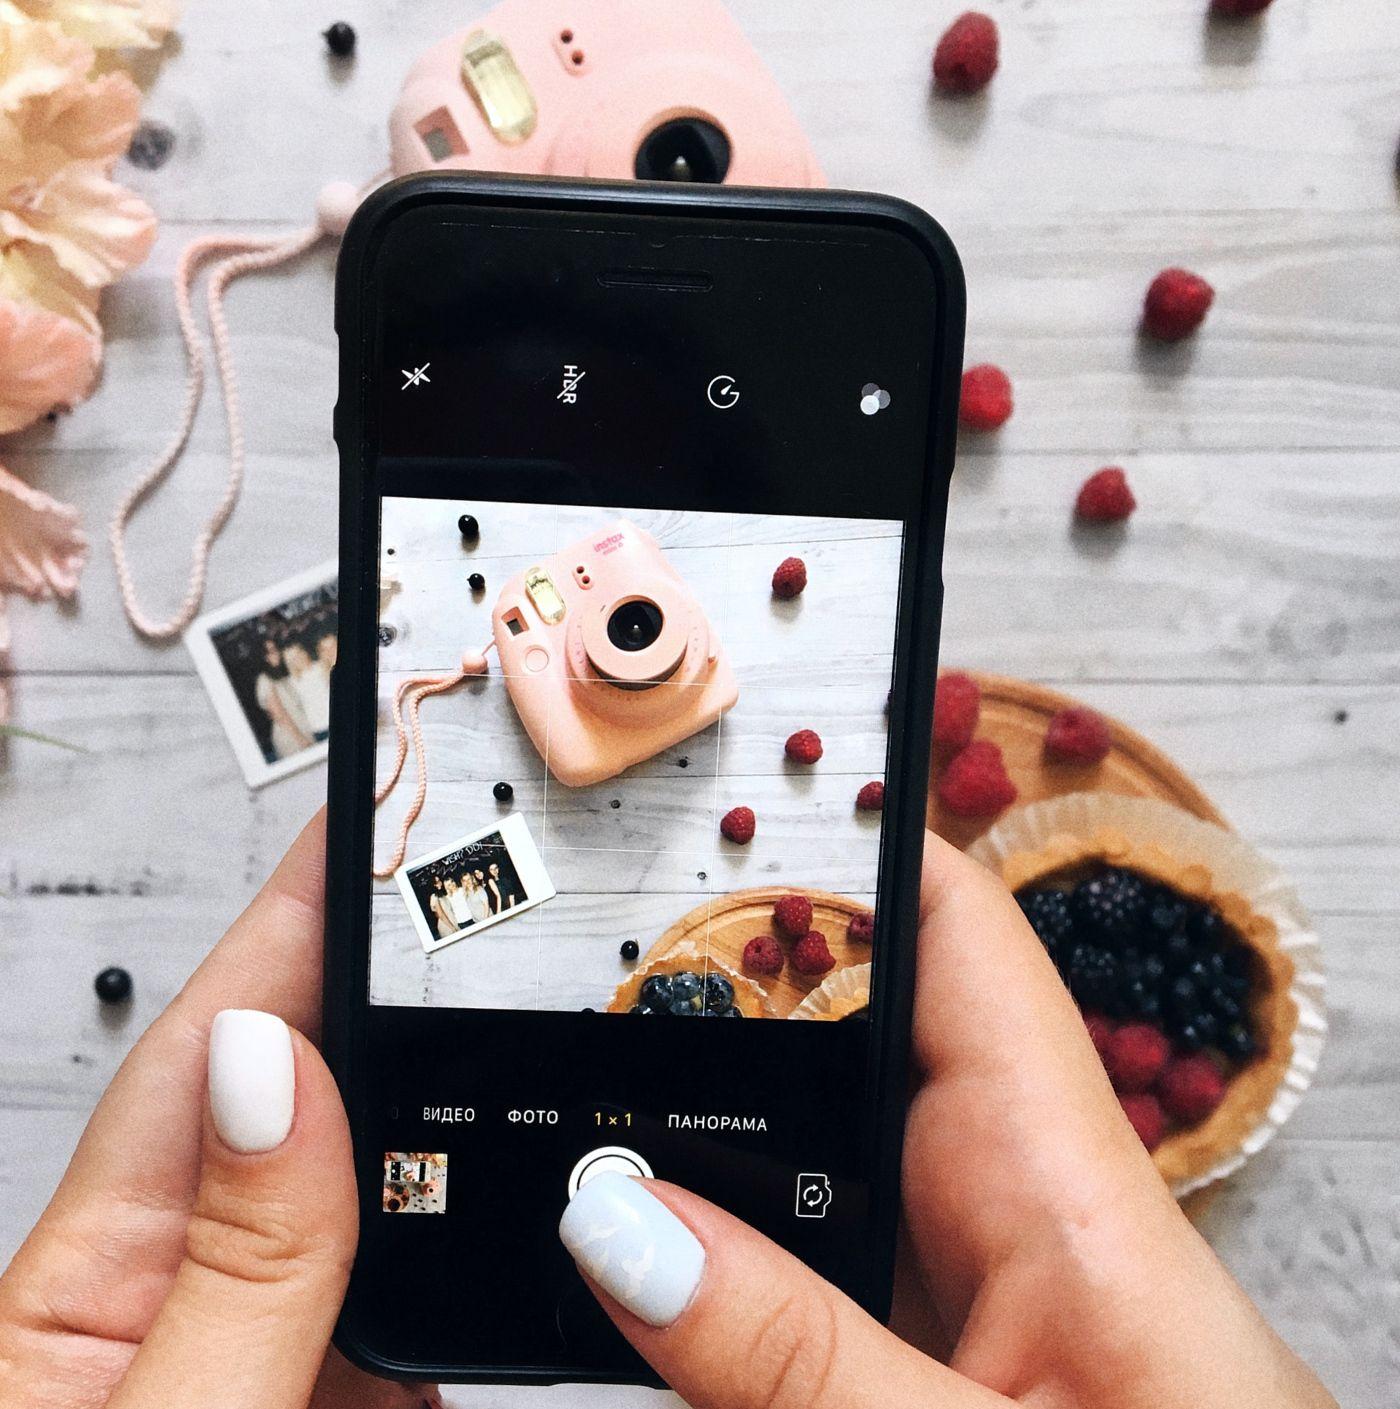 как фотографировать на айфон с геометками китайский язык снова